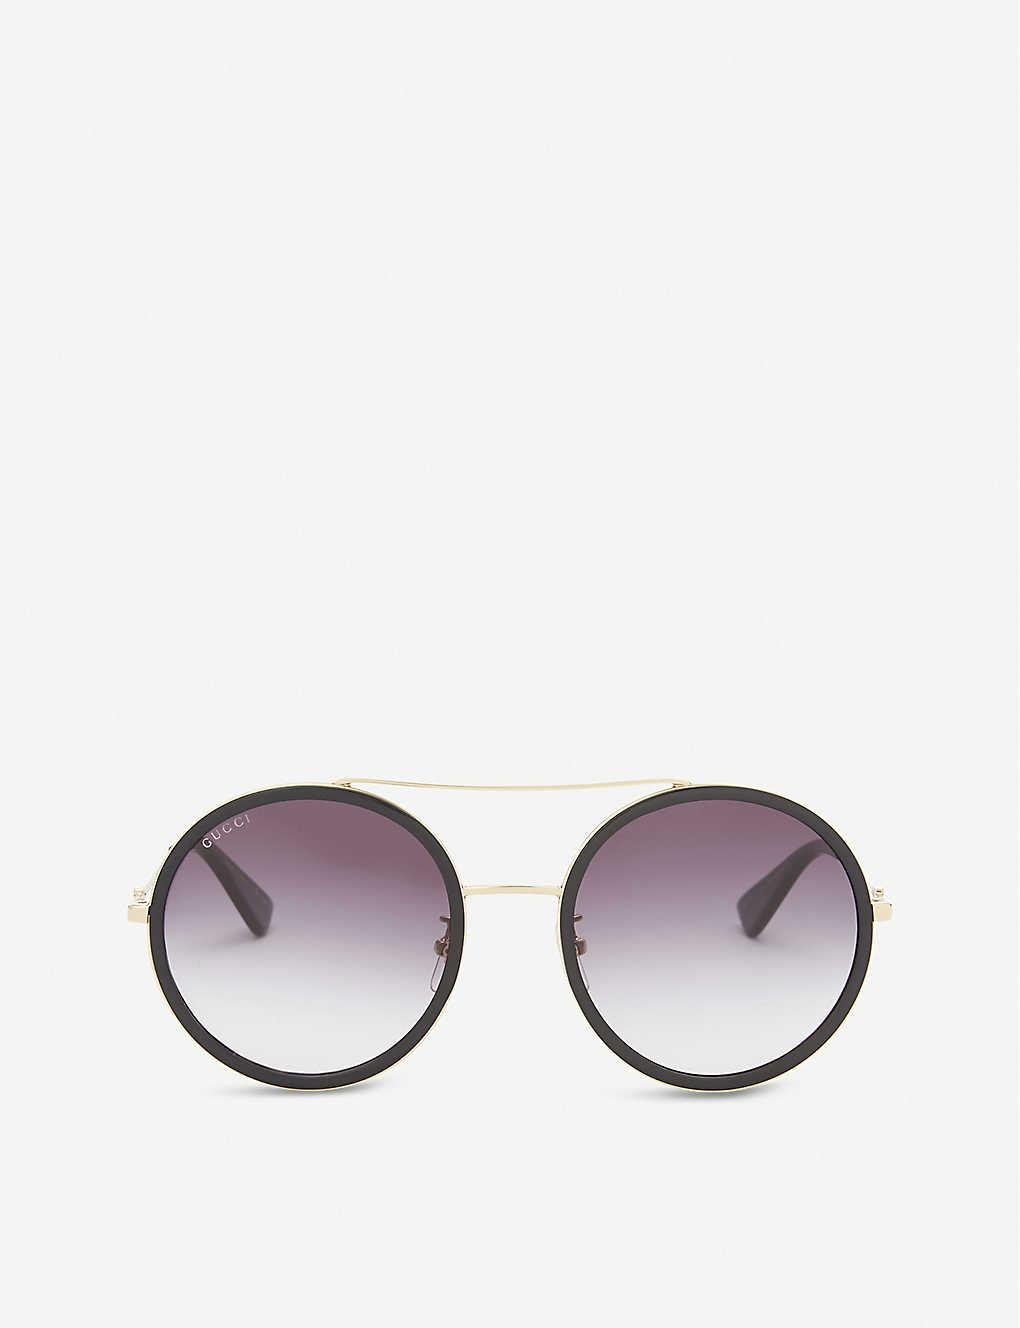 c5e9abdfeb6 Gg0061s round-frame sunglasses